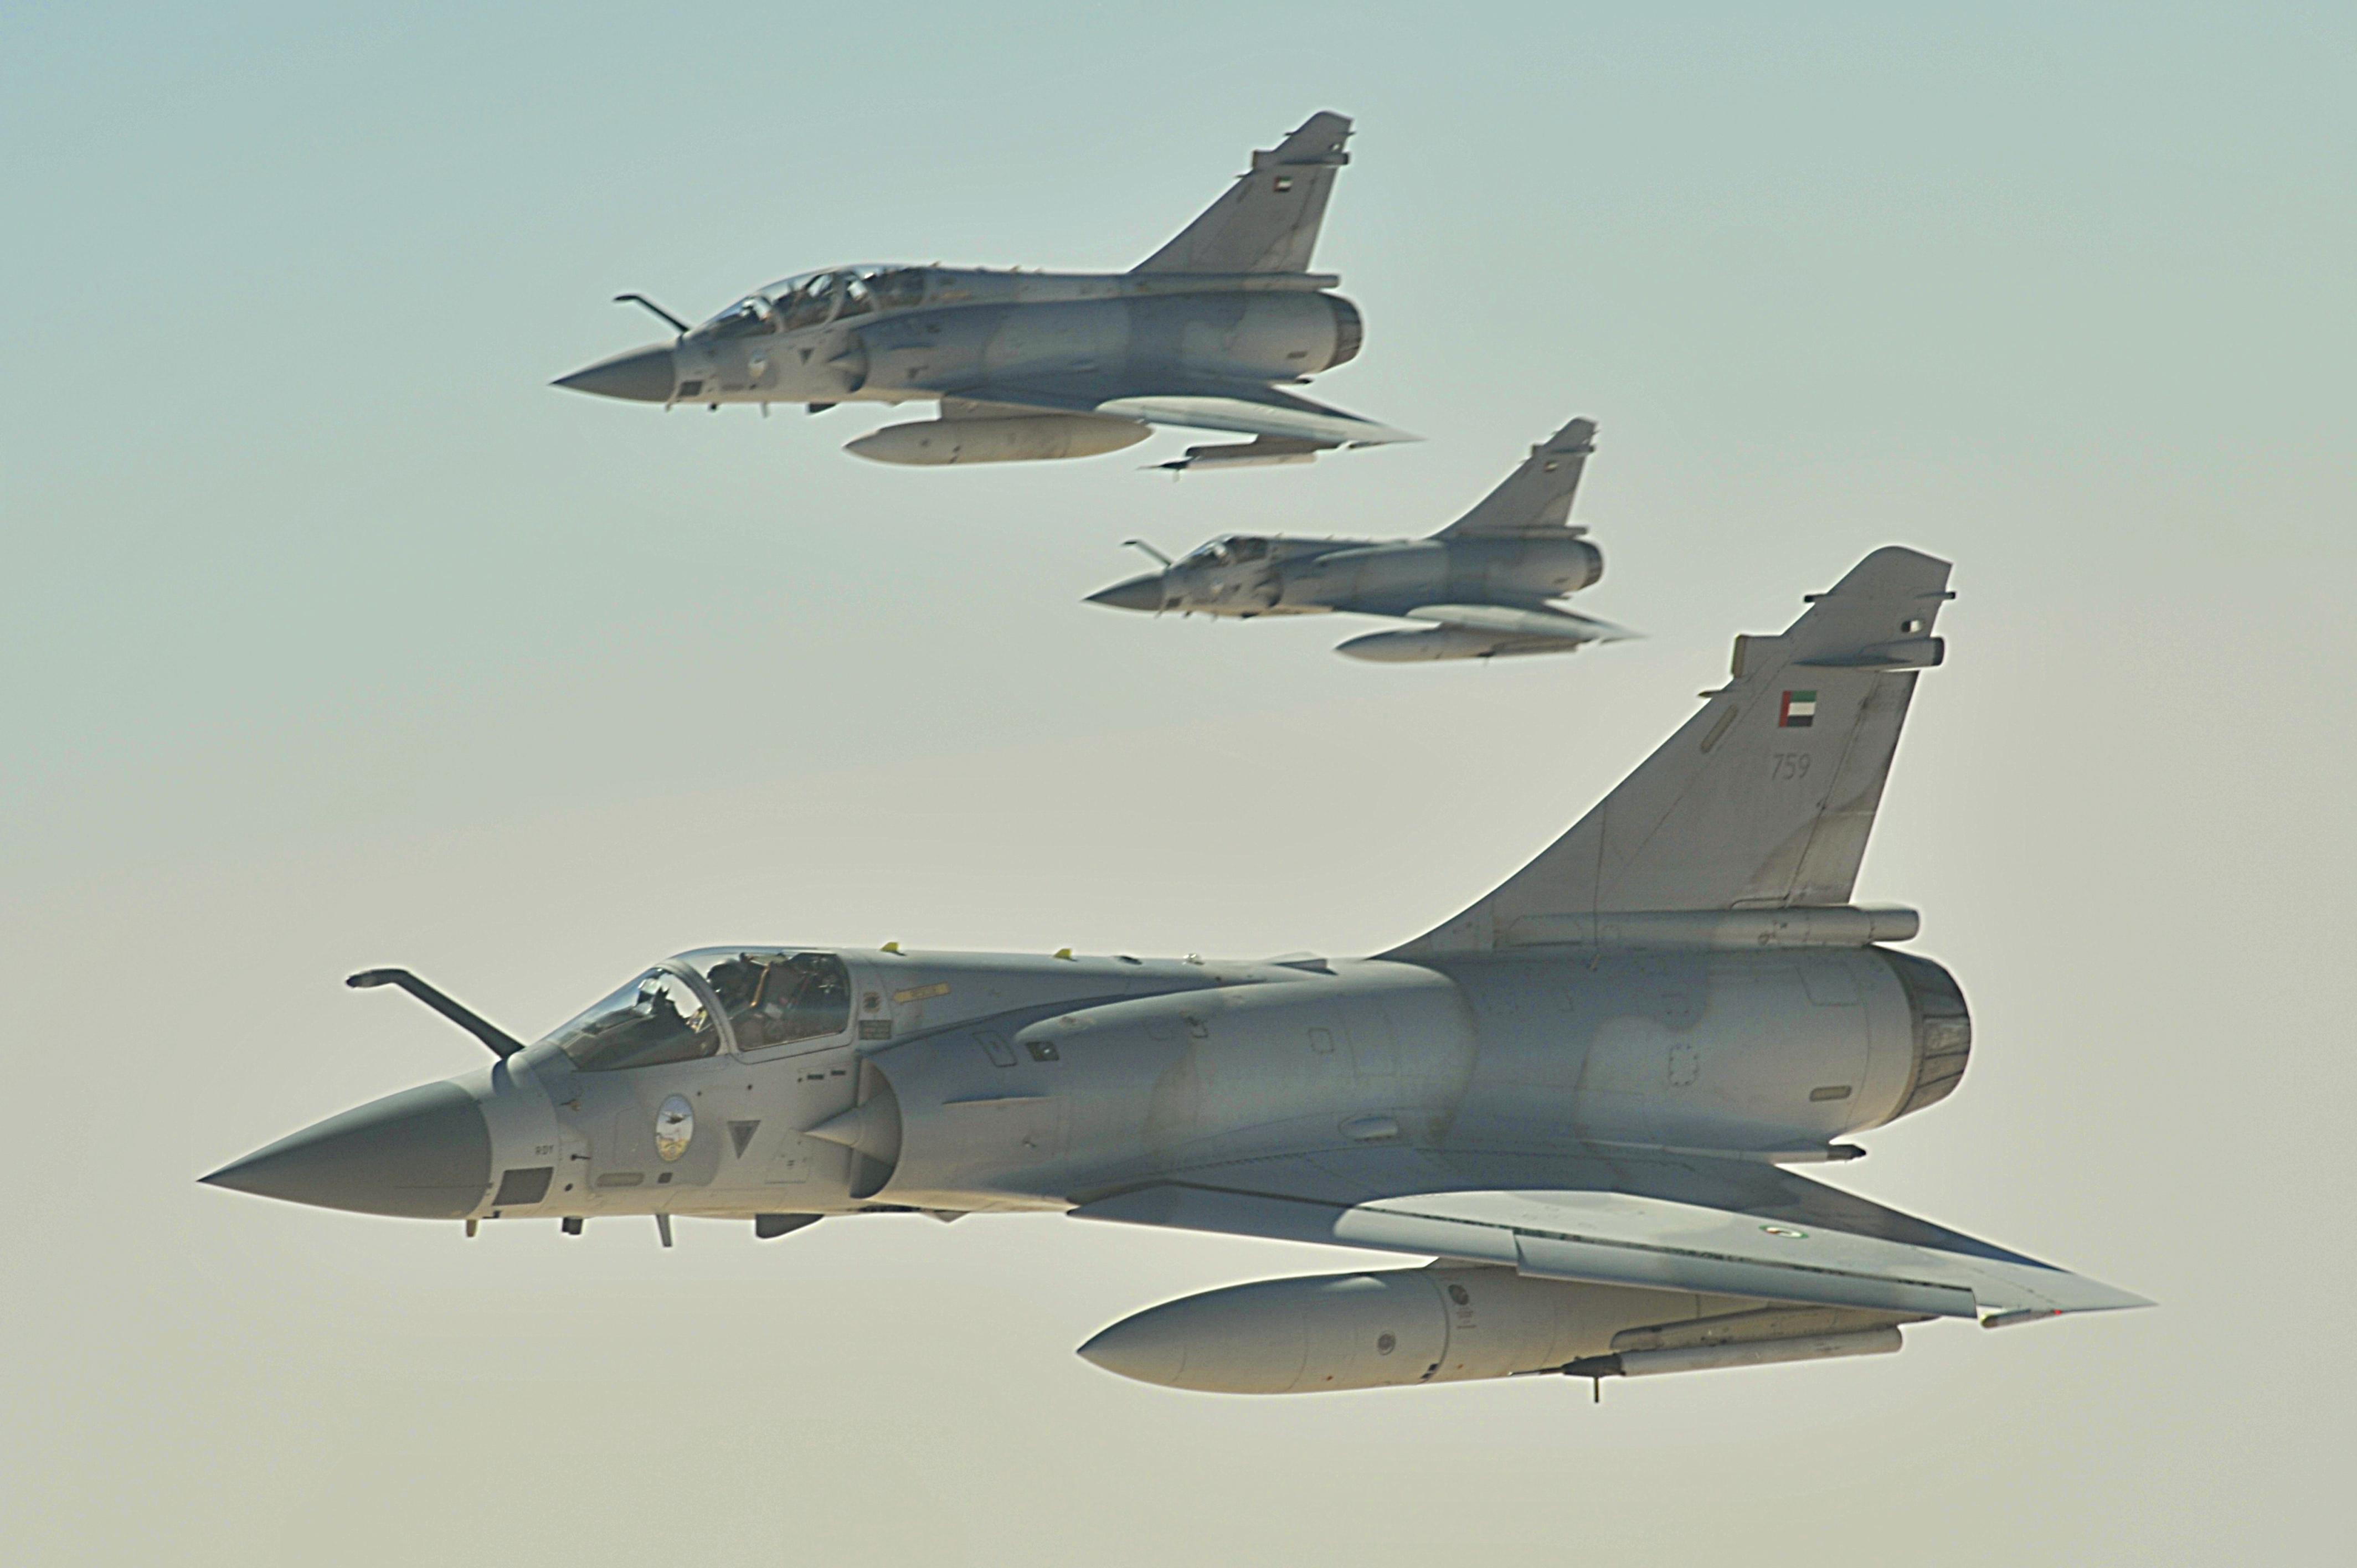 Mirage 62 - Mirage / Watching Waves